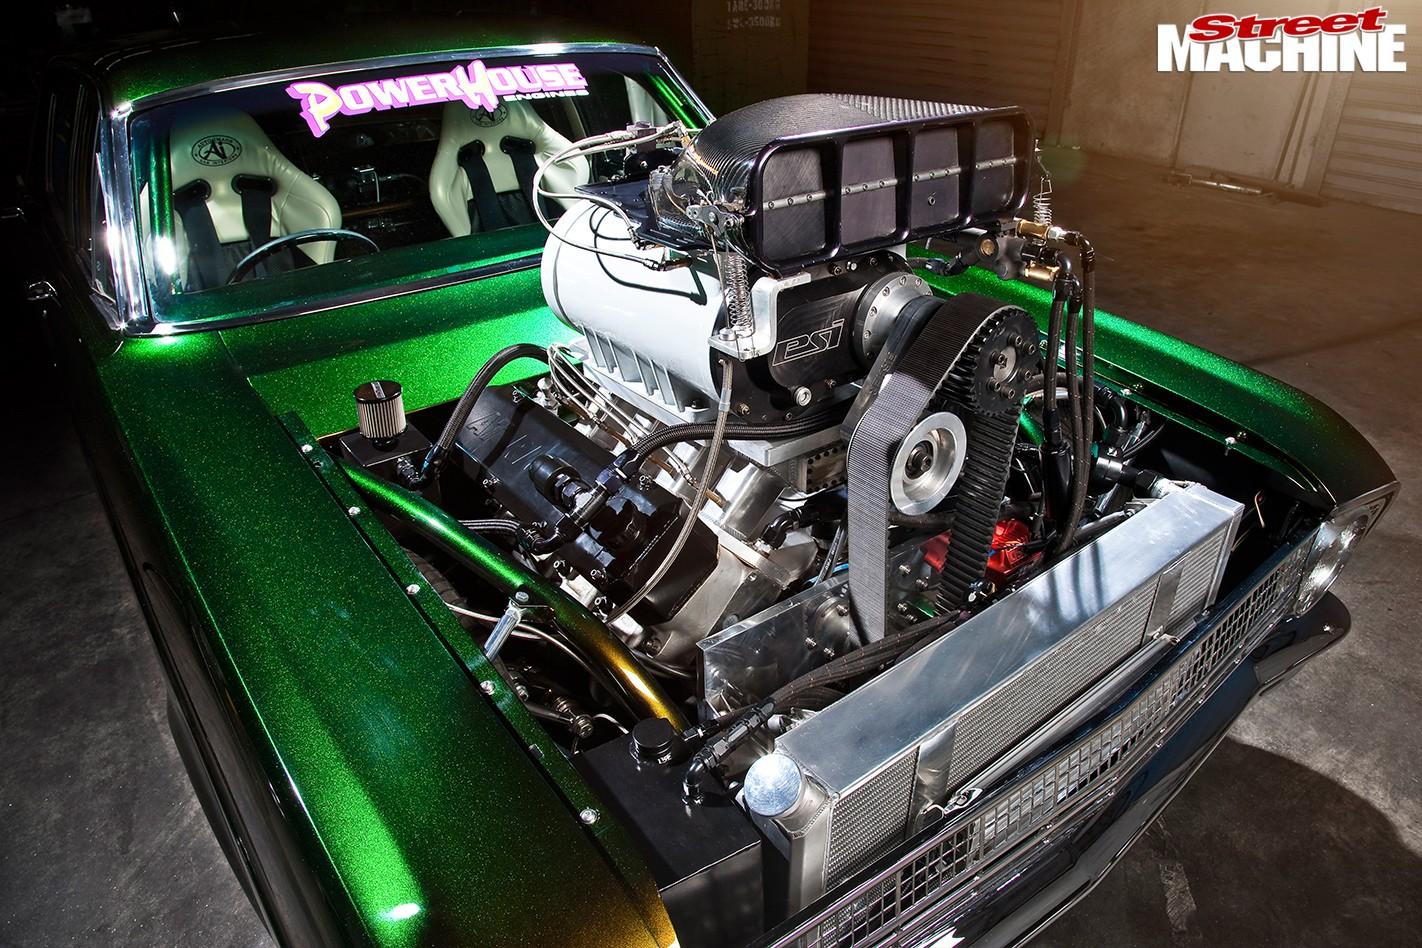 Ford -Falcon -XR-atrisk -engine